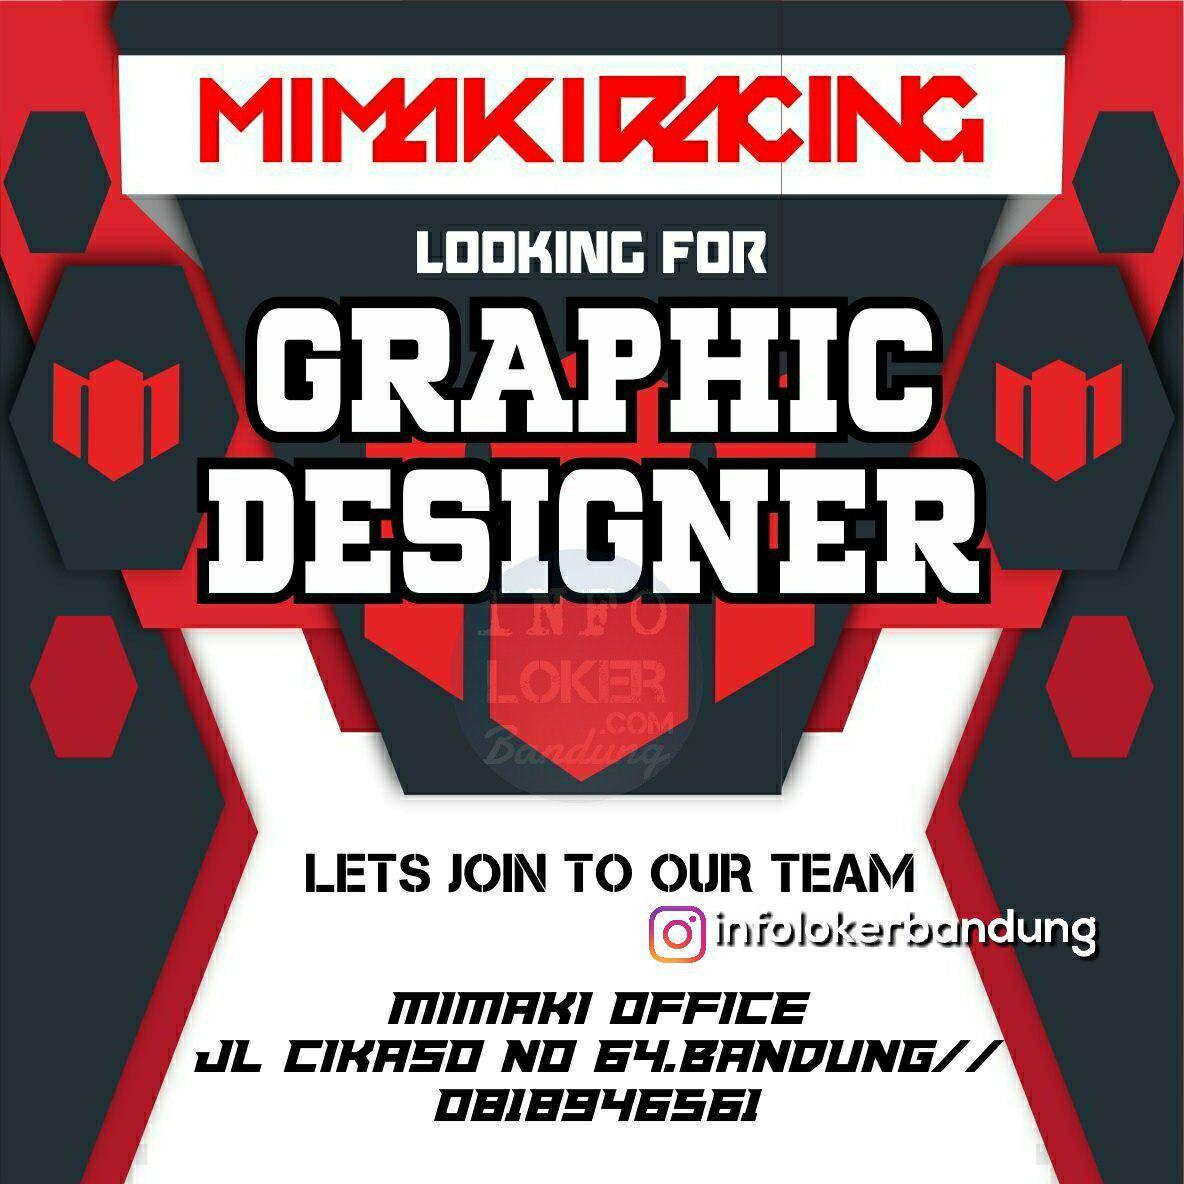 Lowongan Kerja Graphic Designer Mimaki Racing Bandung November 2018